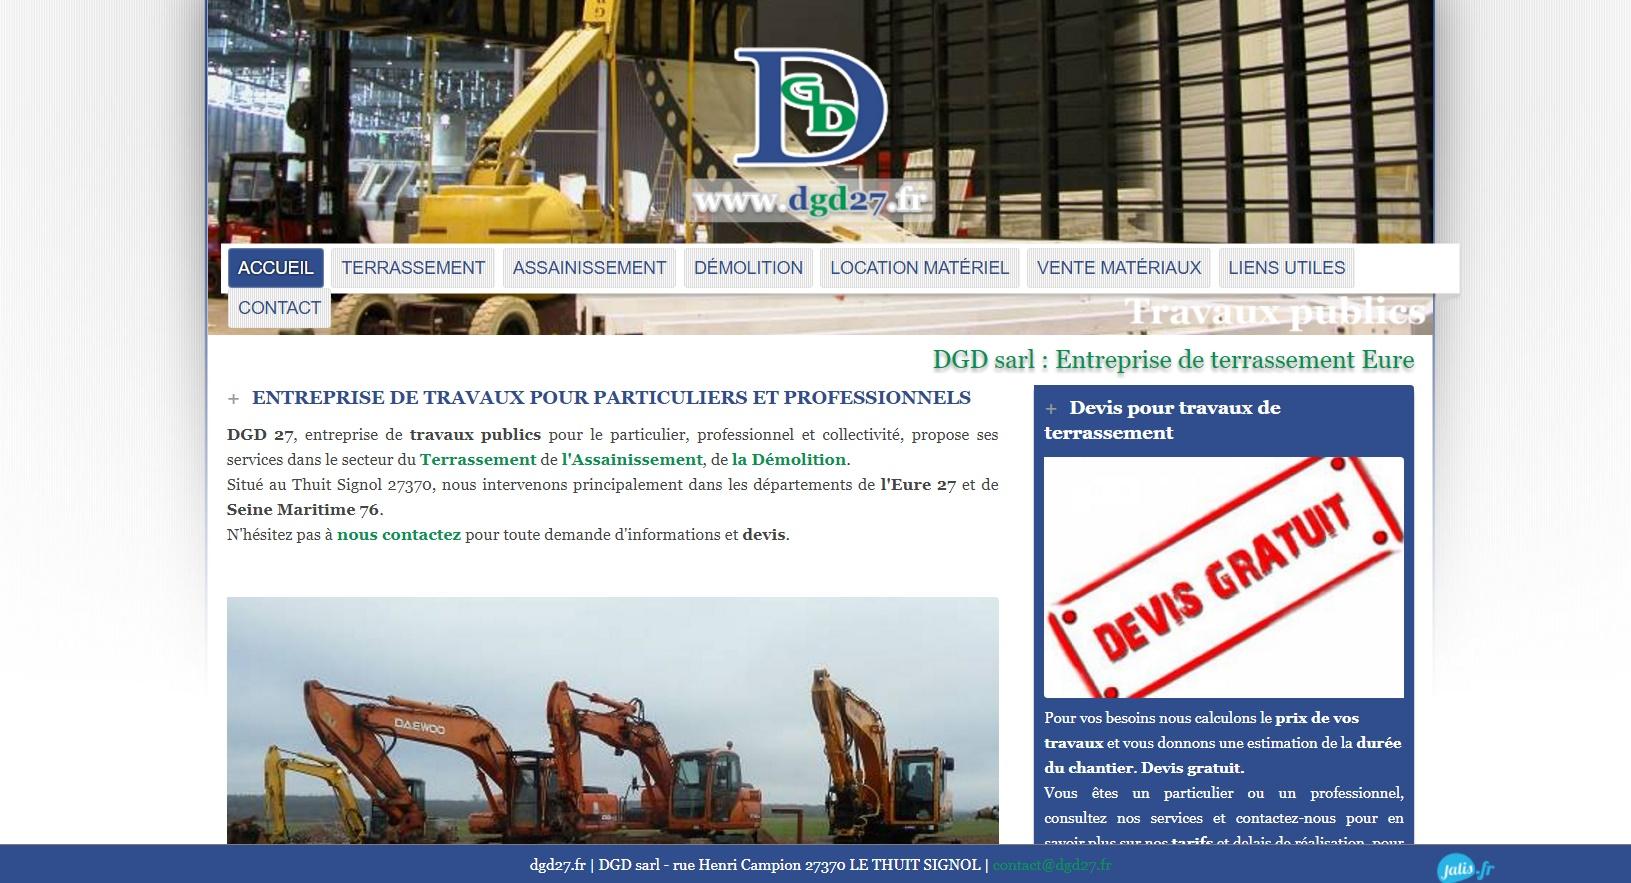 DGD 27, Entreprise de travaux publics - Assainissement et terrassement en Normandie